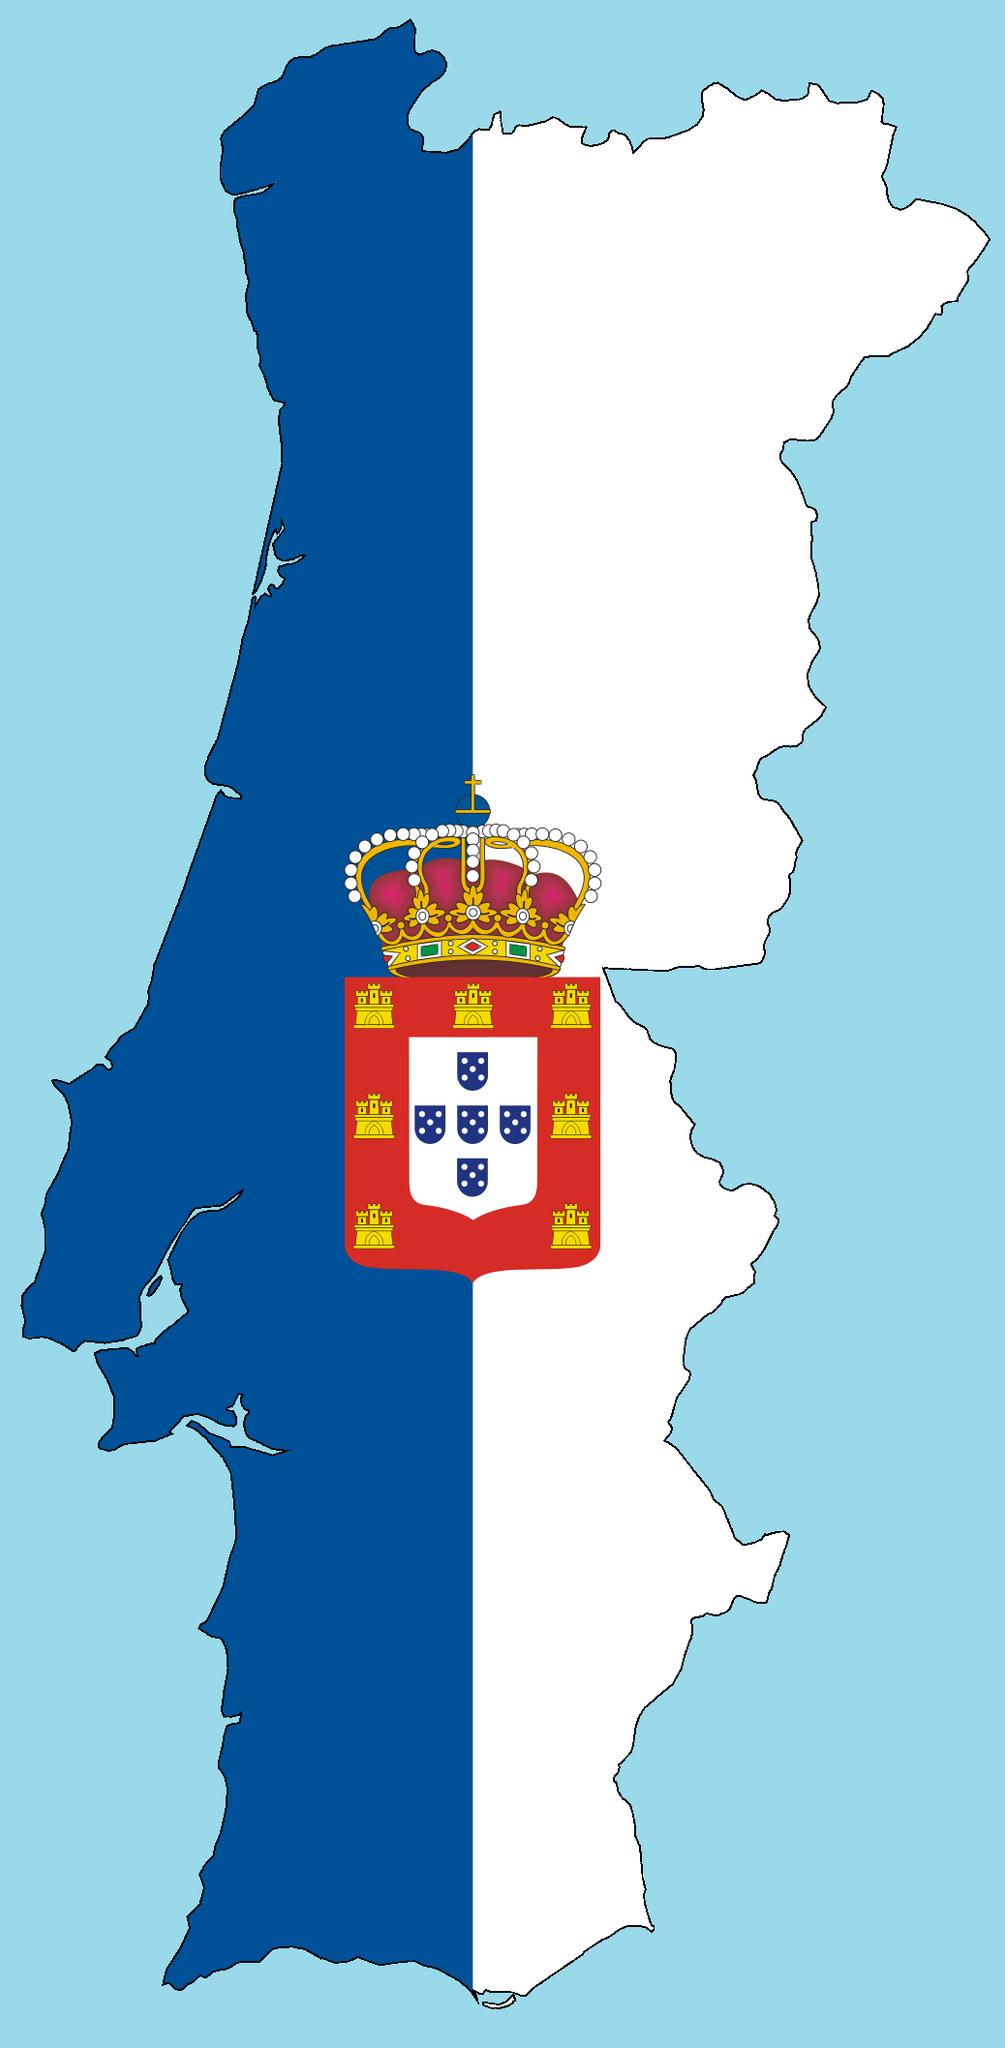 bandera de portugal - Mapas y Banderas